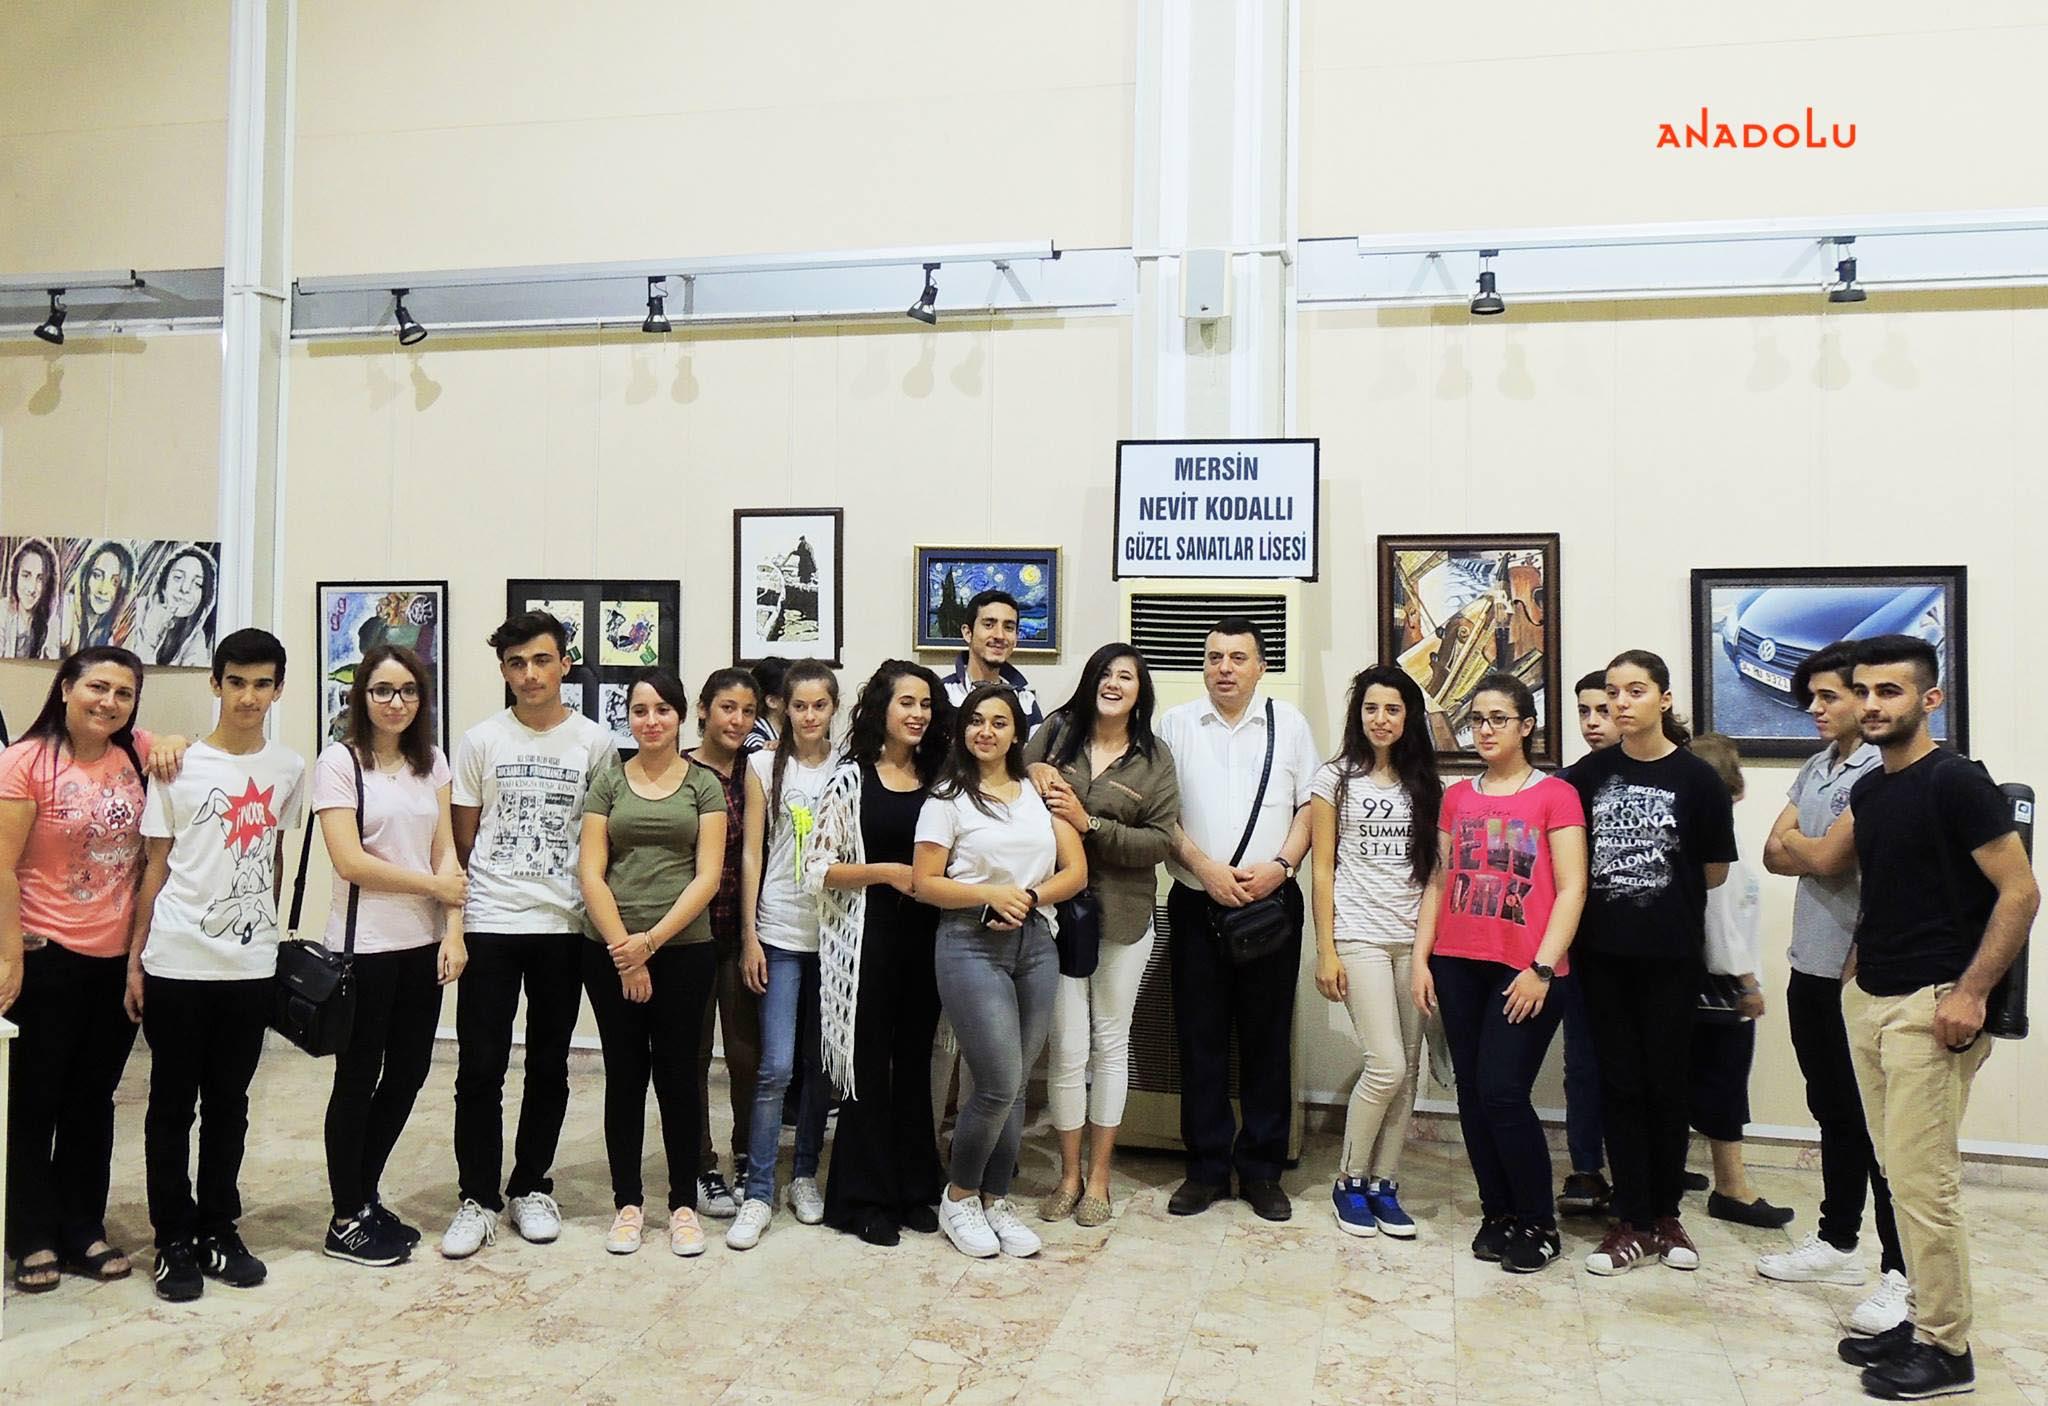 Anadolu Güzel Sanatlar Resim Sergilerden Gaziantepda